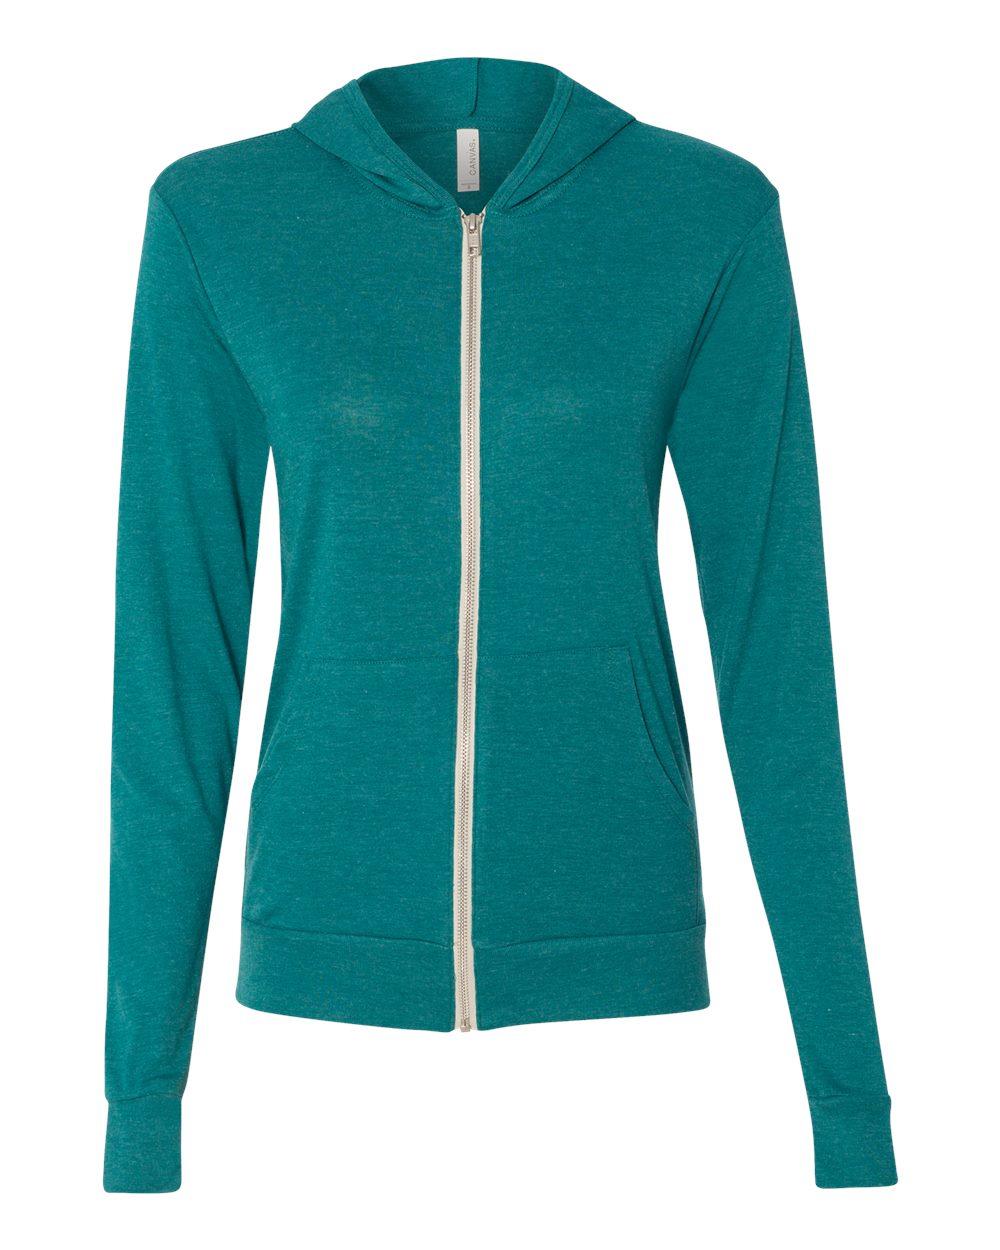 Bella-Canvas-Unisex-Triblend-Lightweight-Hooded-Full-Zip-T-Shirt-3939-upto-2XL thumbnail 33